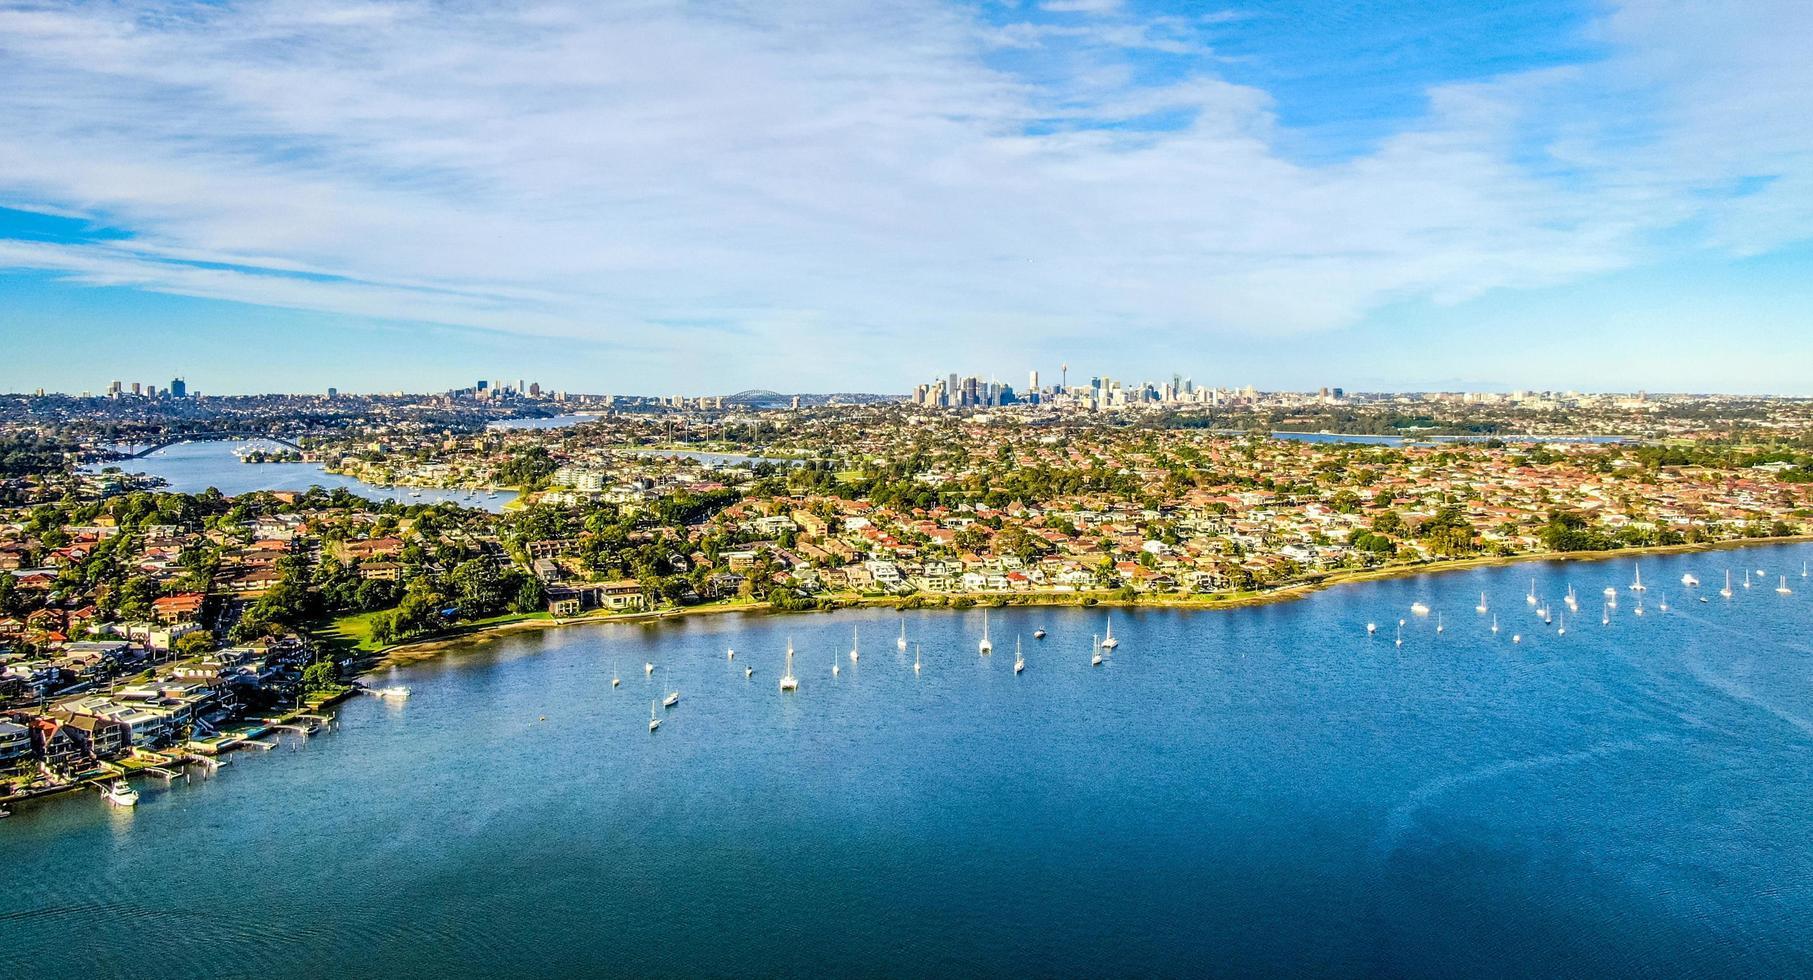 Sydney, Australië, 2020 - een luchtfoto van Sydney foto